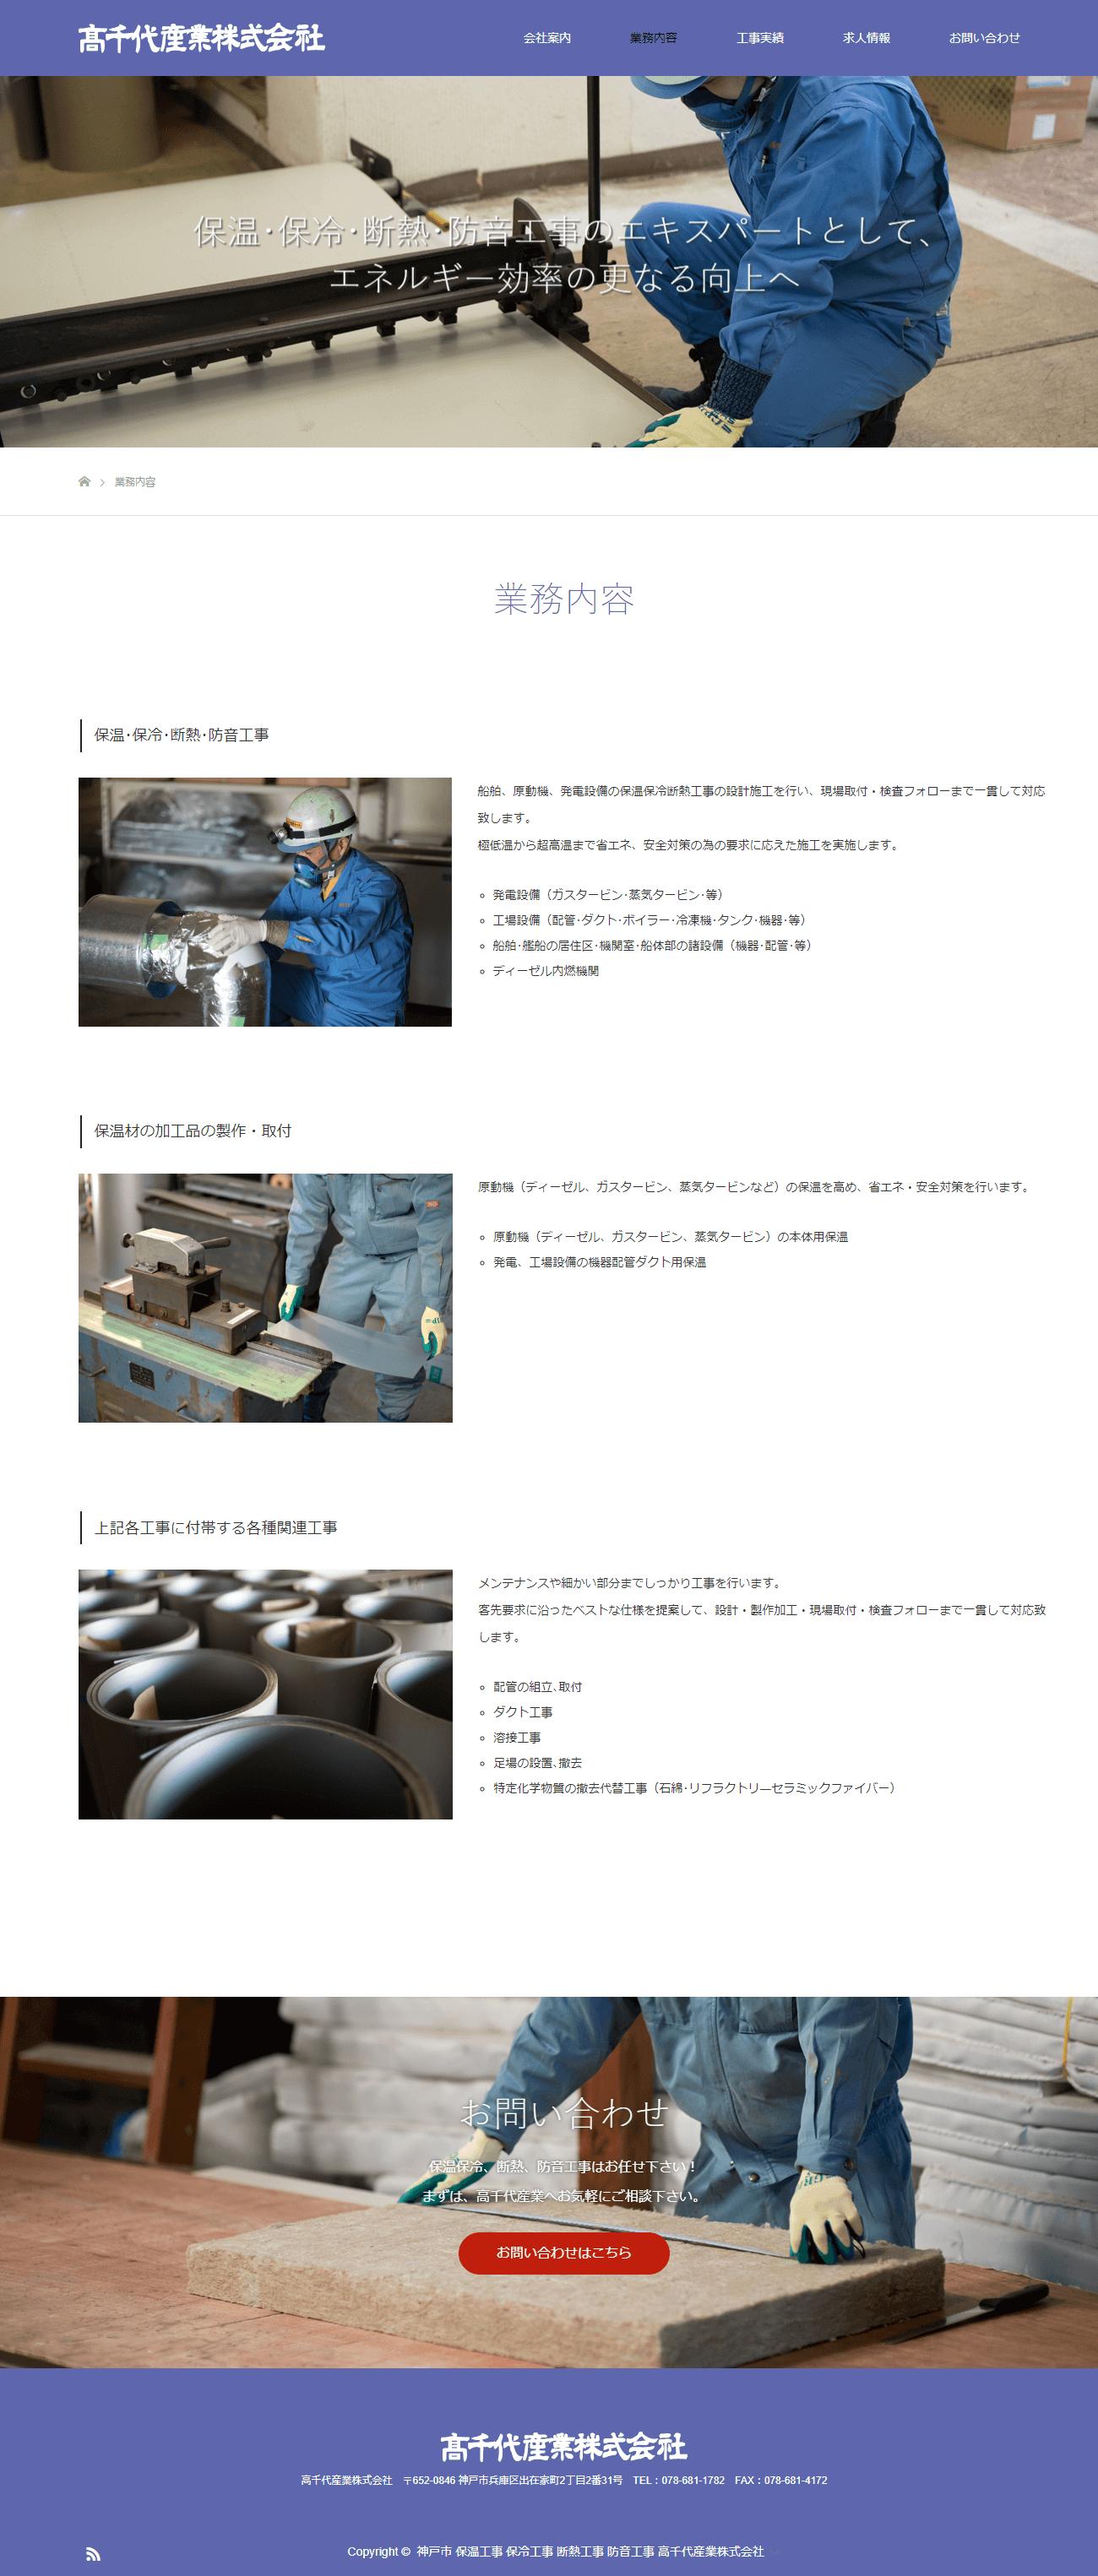 神戸市 高千代産業株式会社 ホームページ制作2